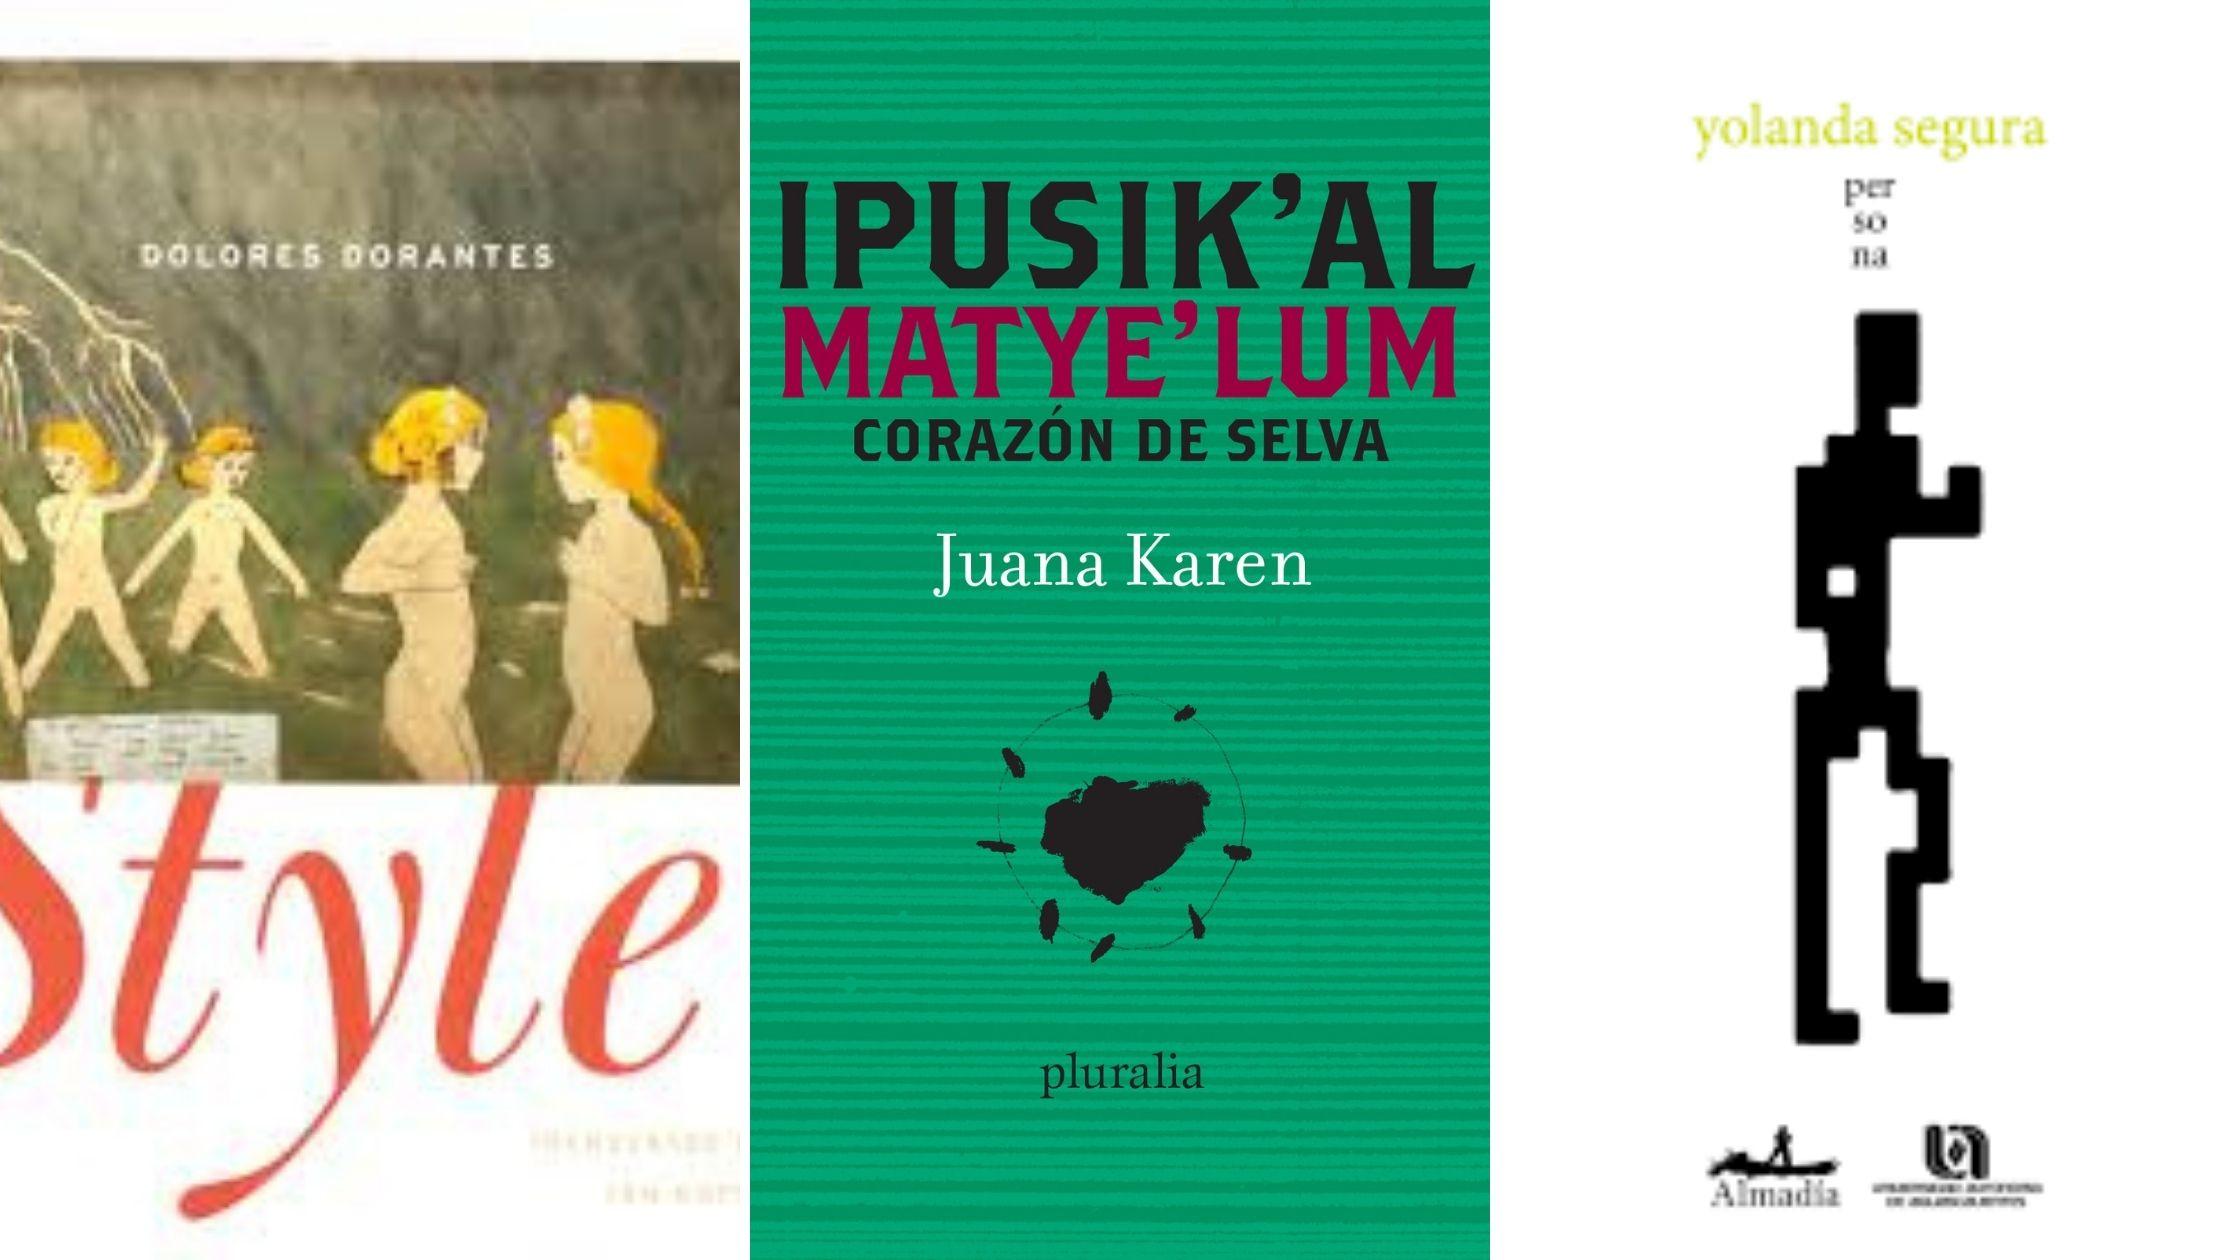 Covers: Style, Corazón de selva, Persona